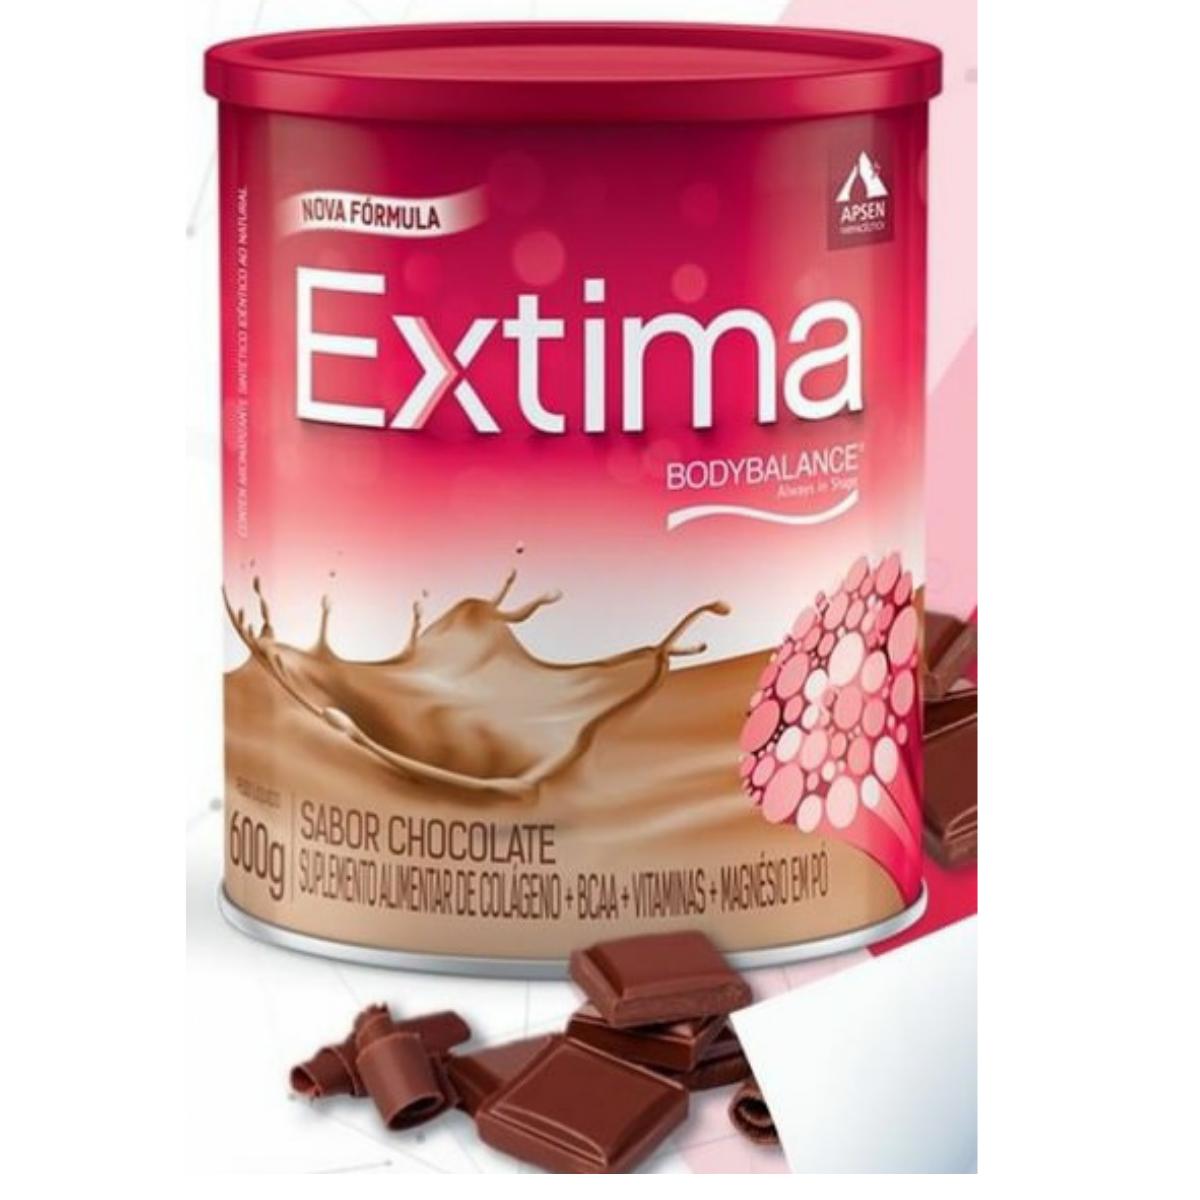 Extima lata sabor chocolate com 600g